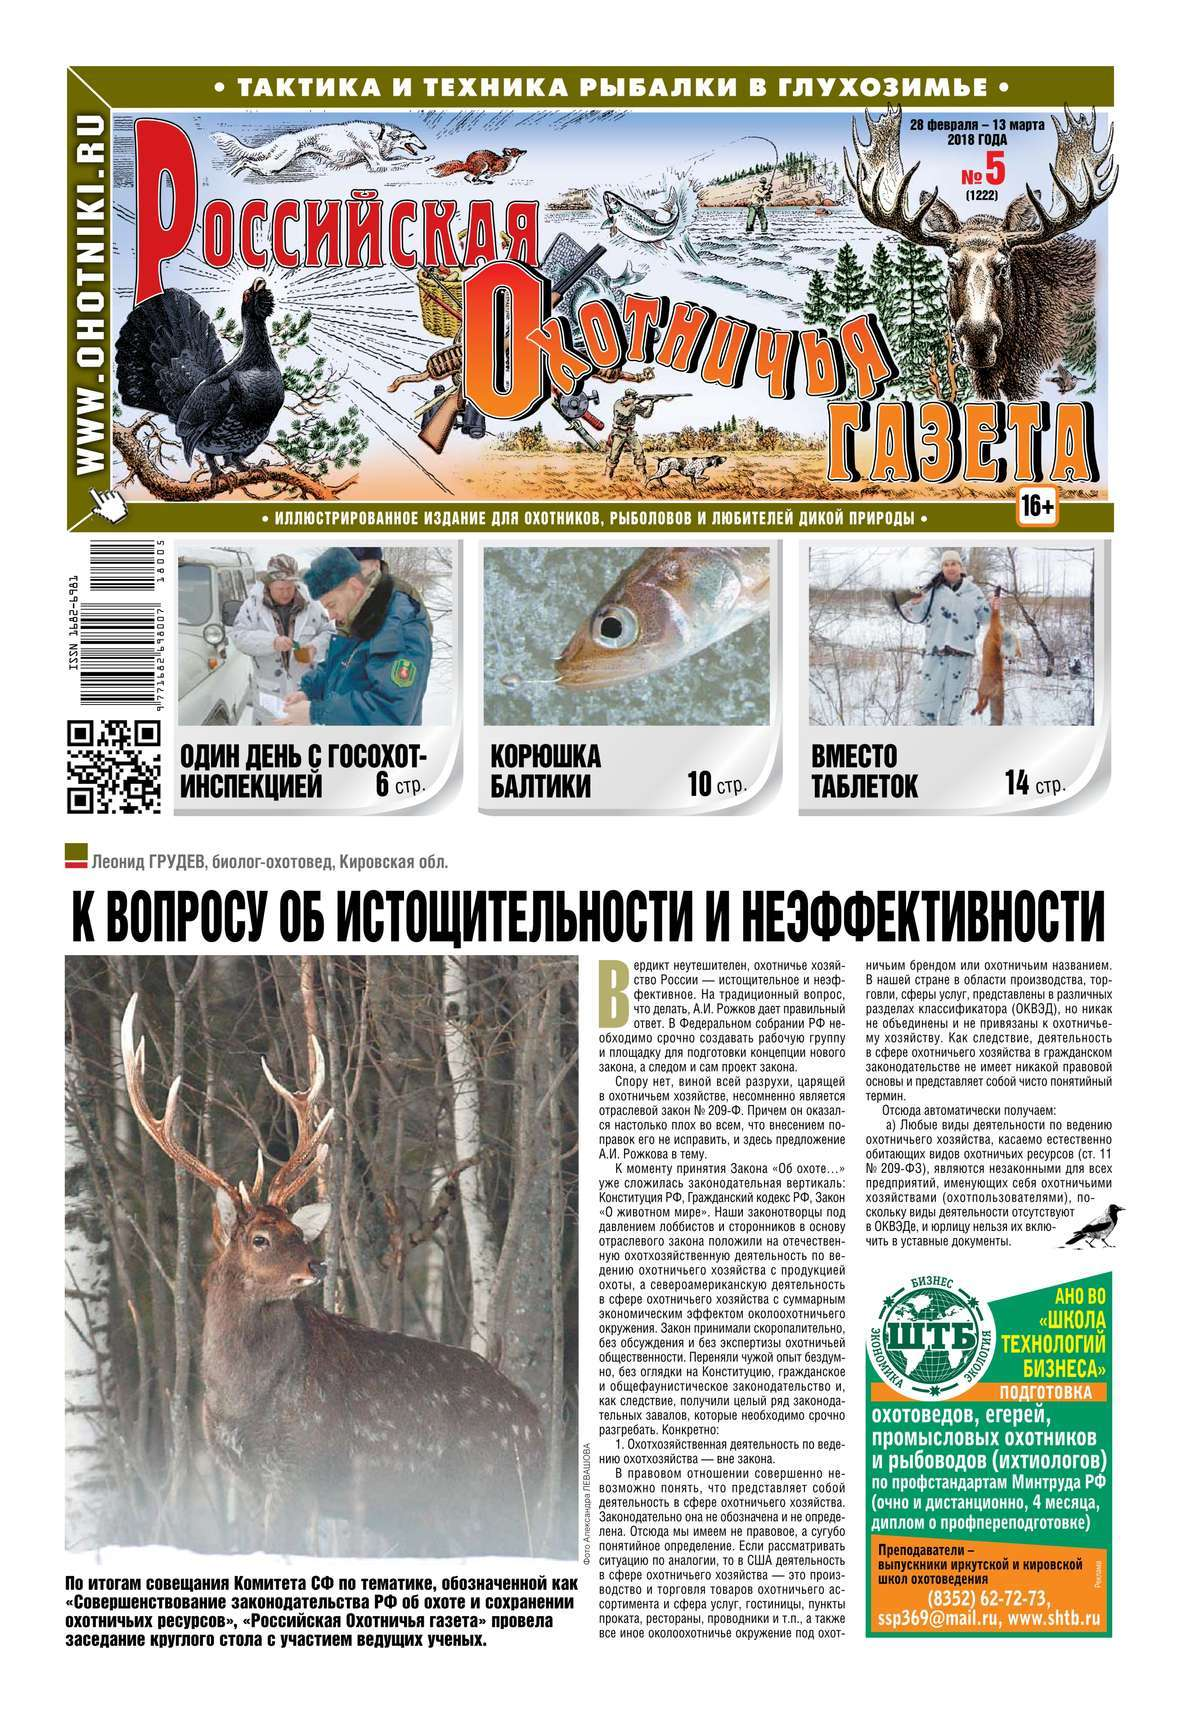 Редакция газеты Российская Охотничья Газета. Российская Охотничья Газета 05-2018